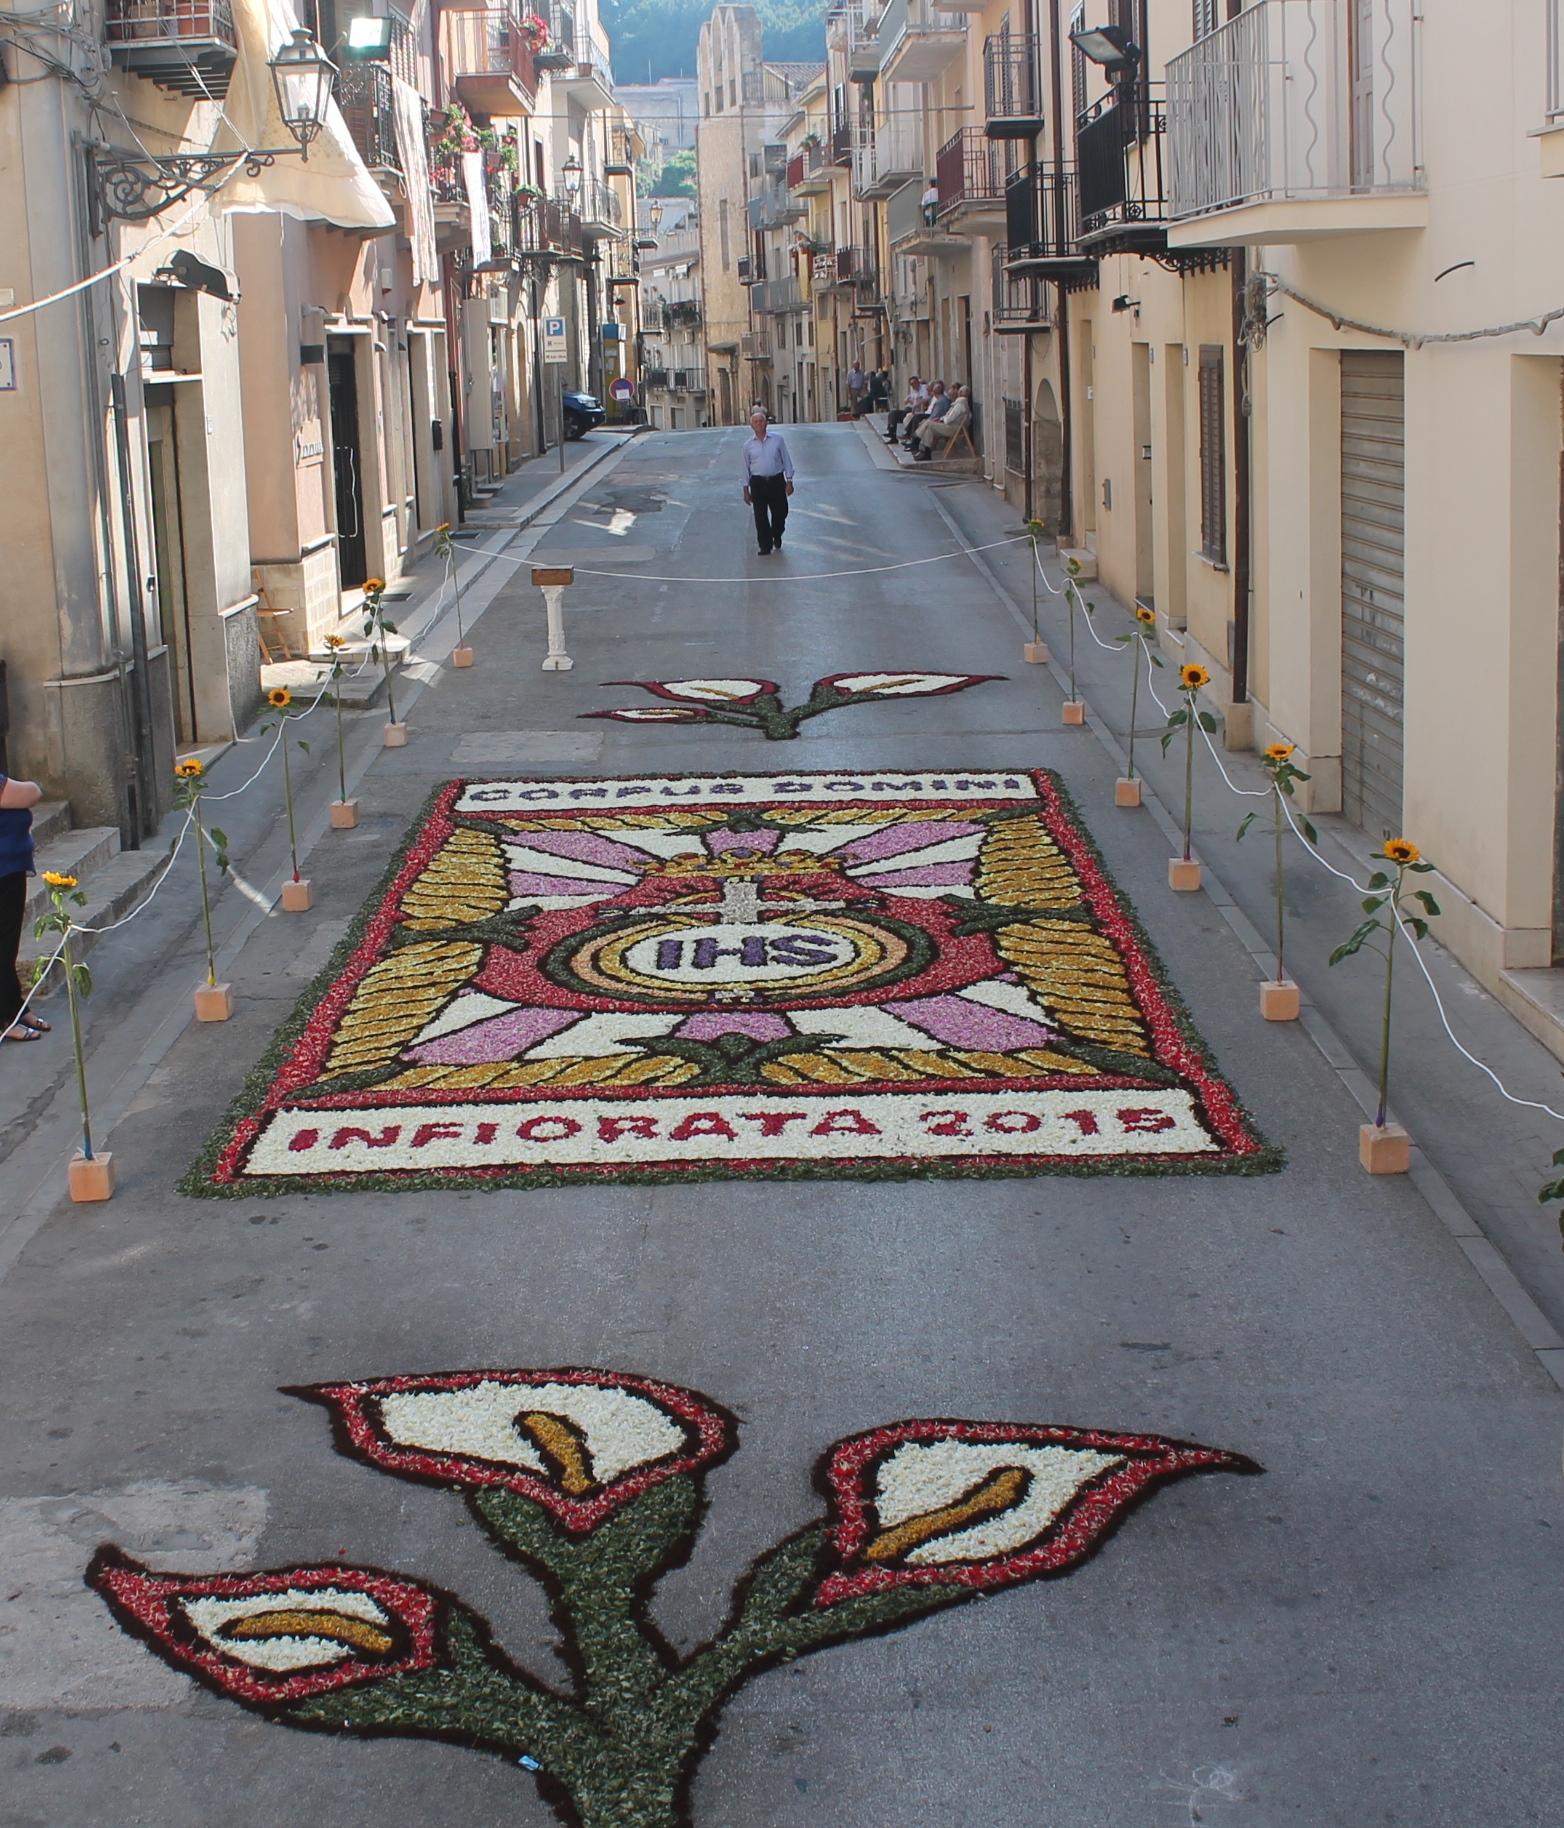 Domenica 29 maggio la solennità del Corpus Domini, a Calatafimi rivive la tradizione dell'infiorata